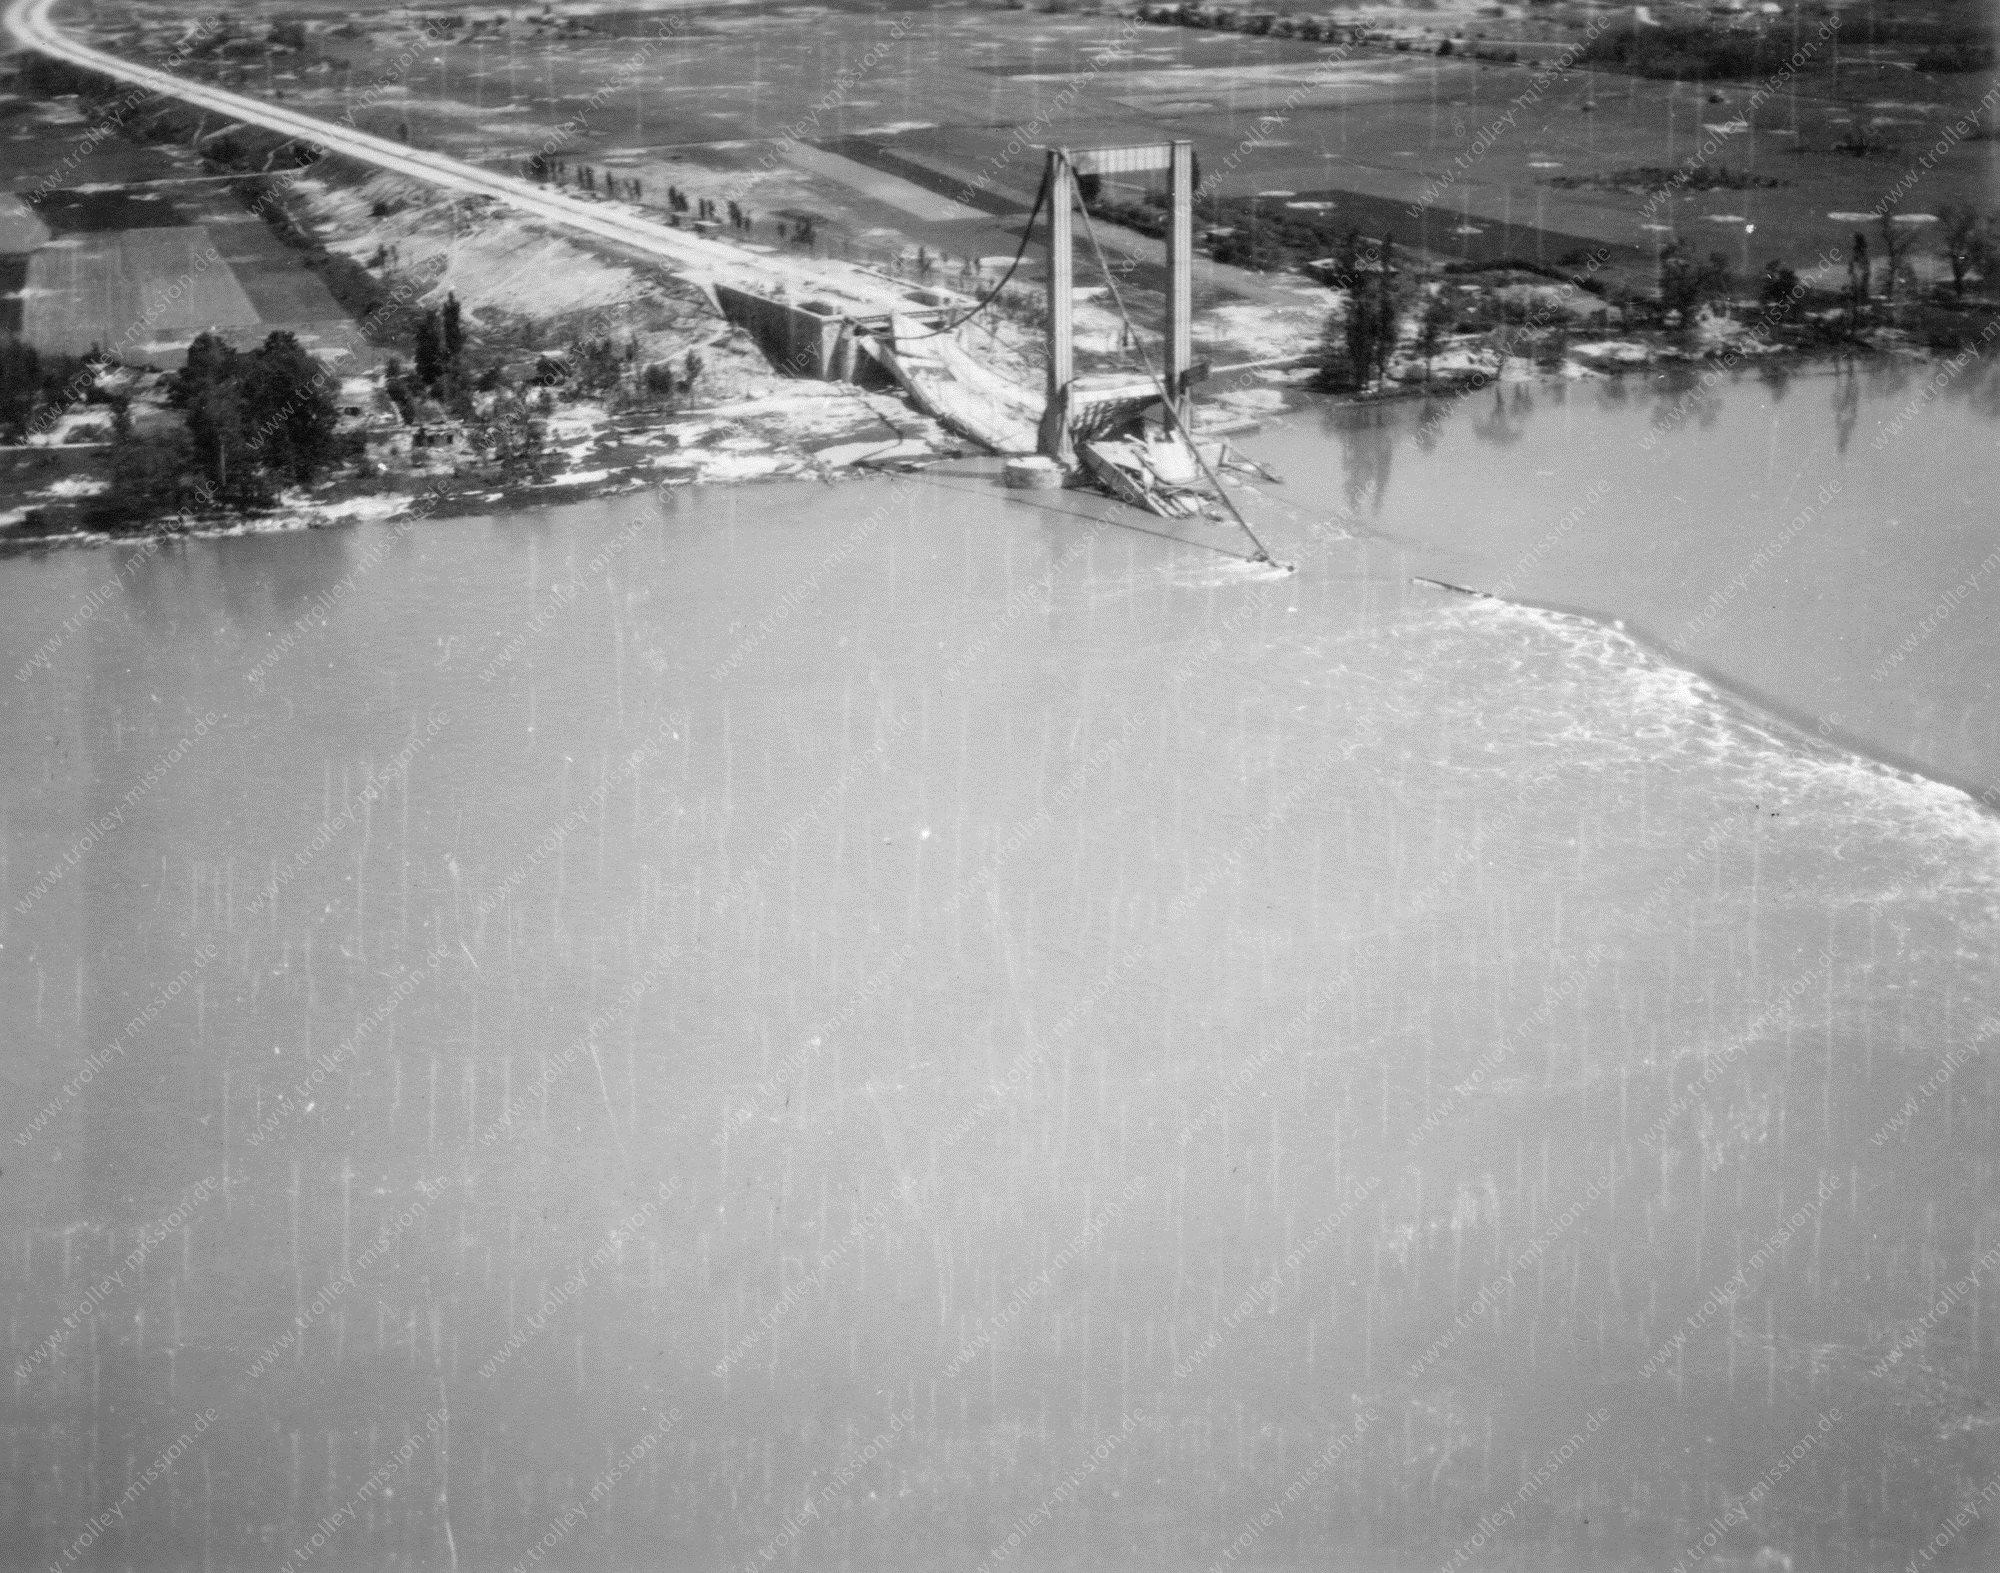 Luftbild der zerstörten Rheinbrücke Köln-Rodenkirchen (Rodenkirchener Brücke)